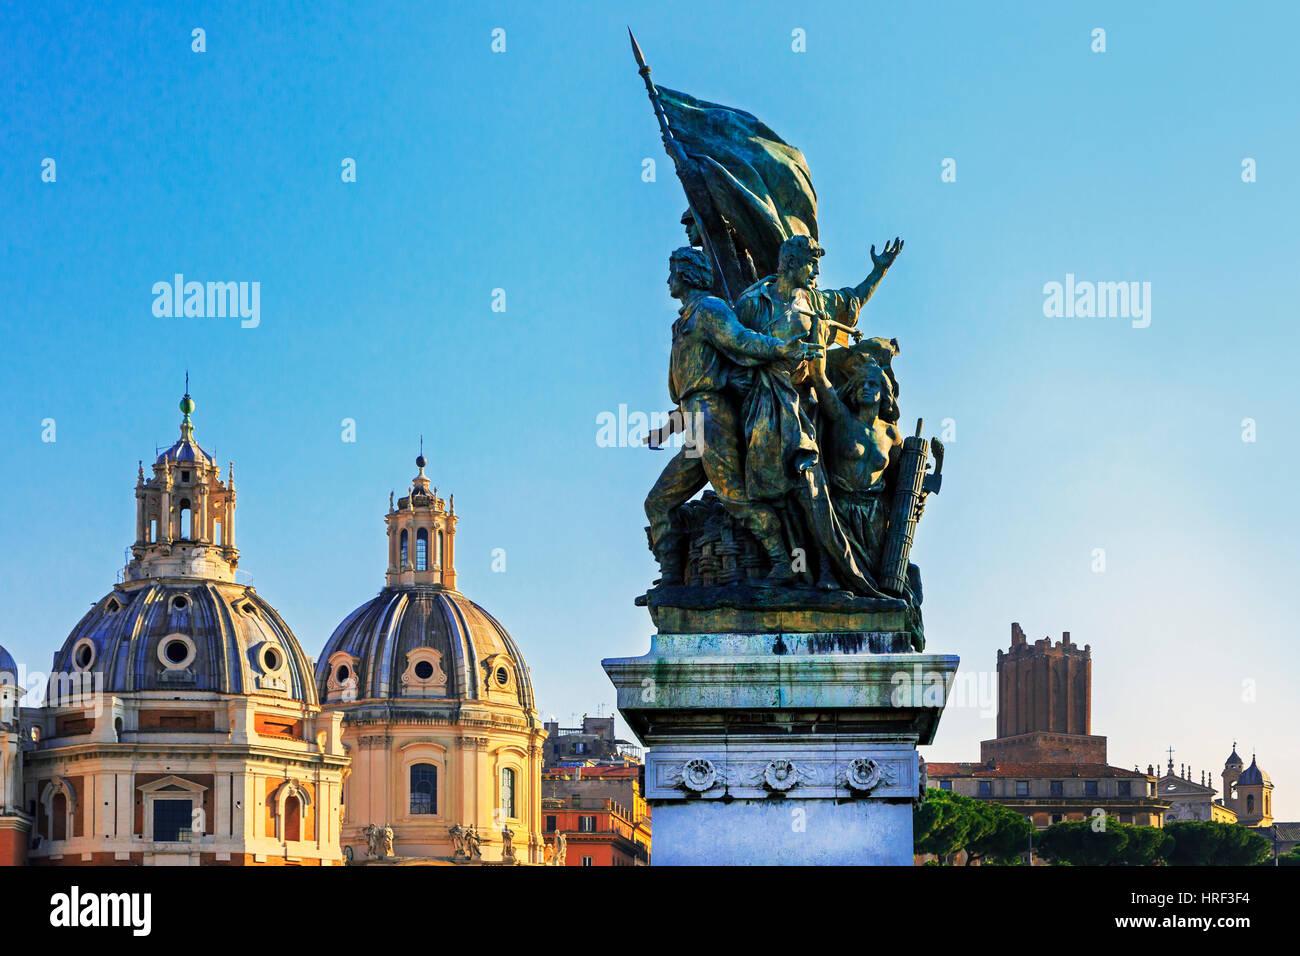 Muy temprano en la mañana en la Plaza de San Marcos, con la parte superior de Nero's Tower, Torre delle Imagen De Stock